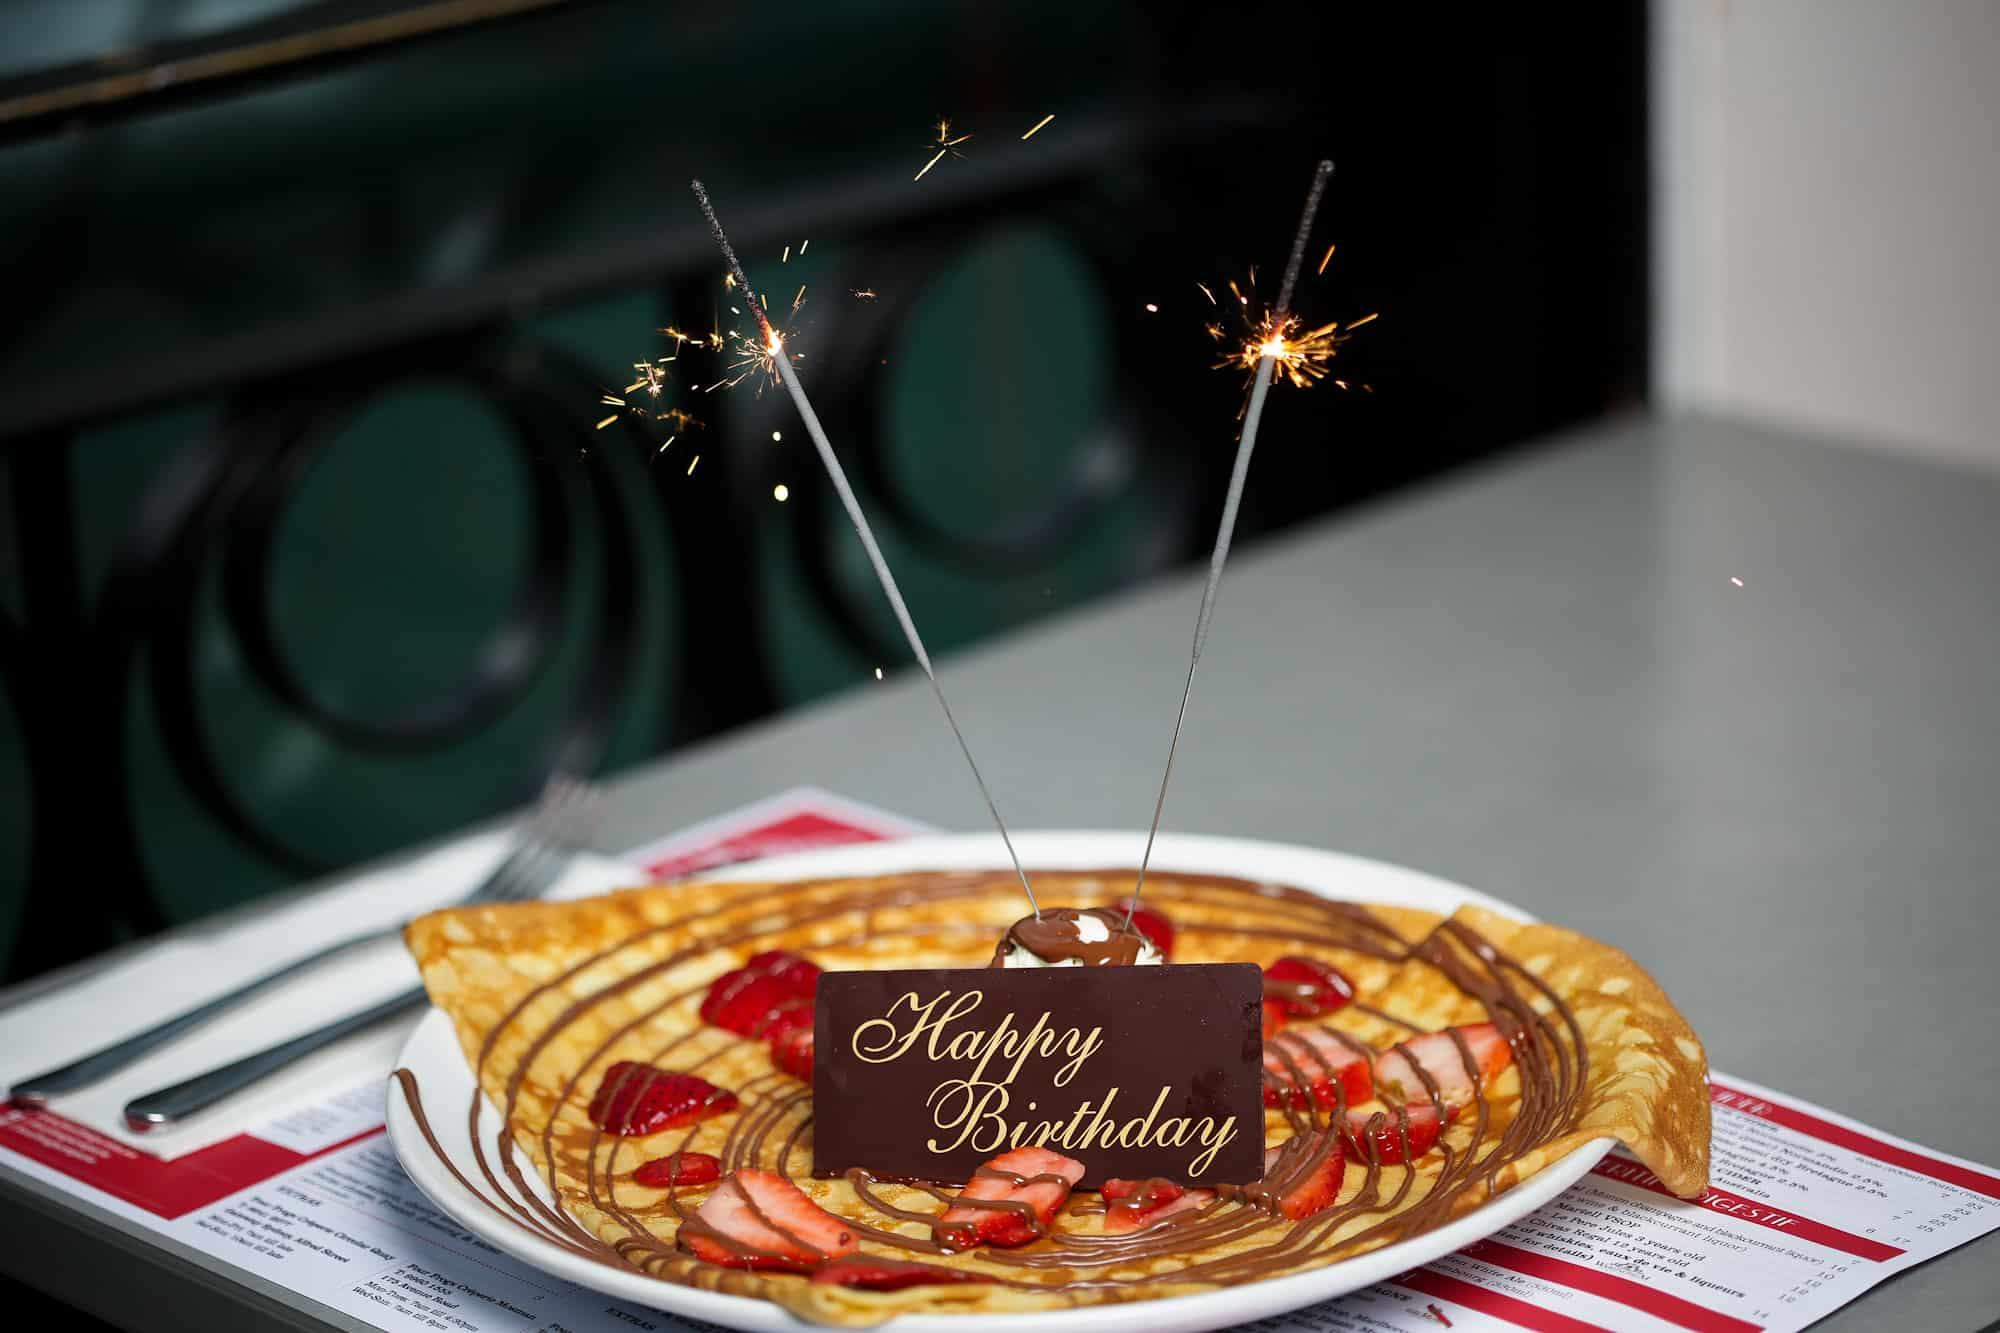 Happy birthday crepe